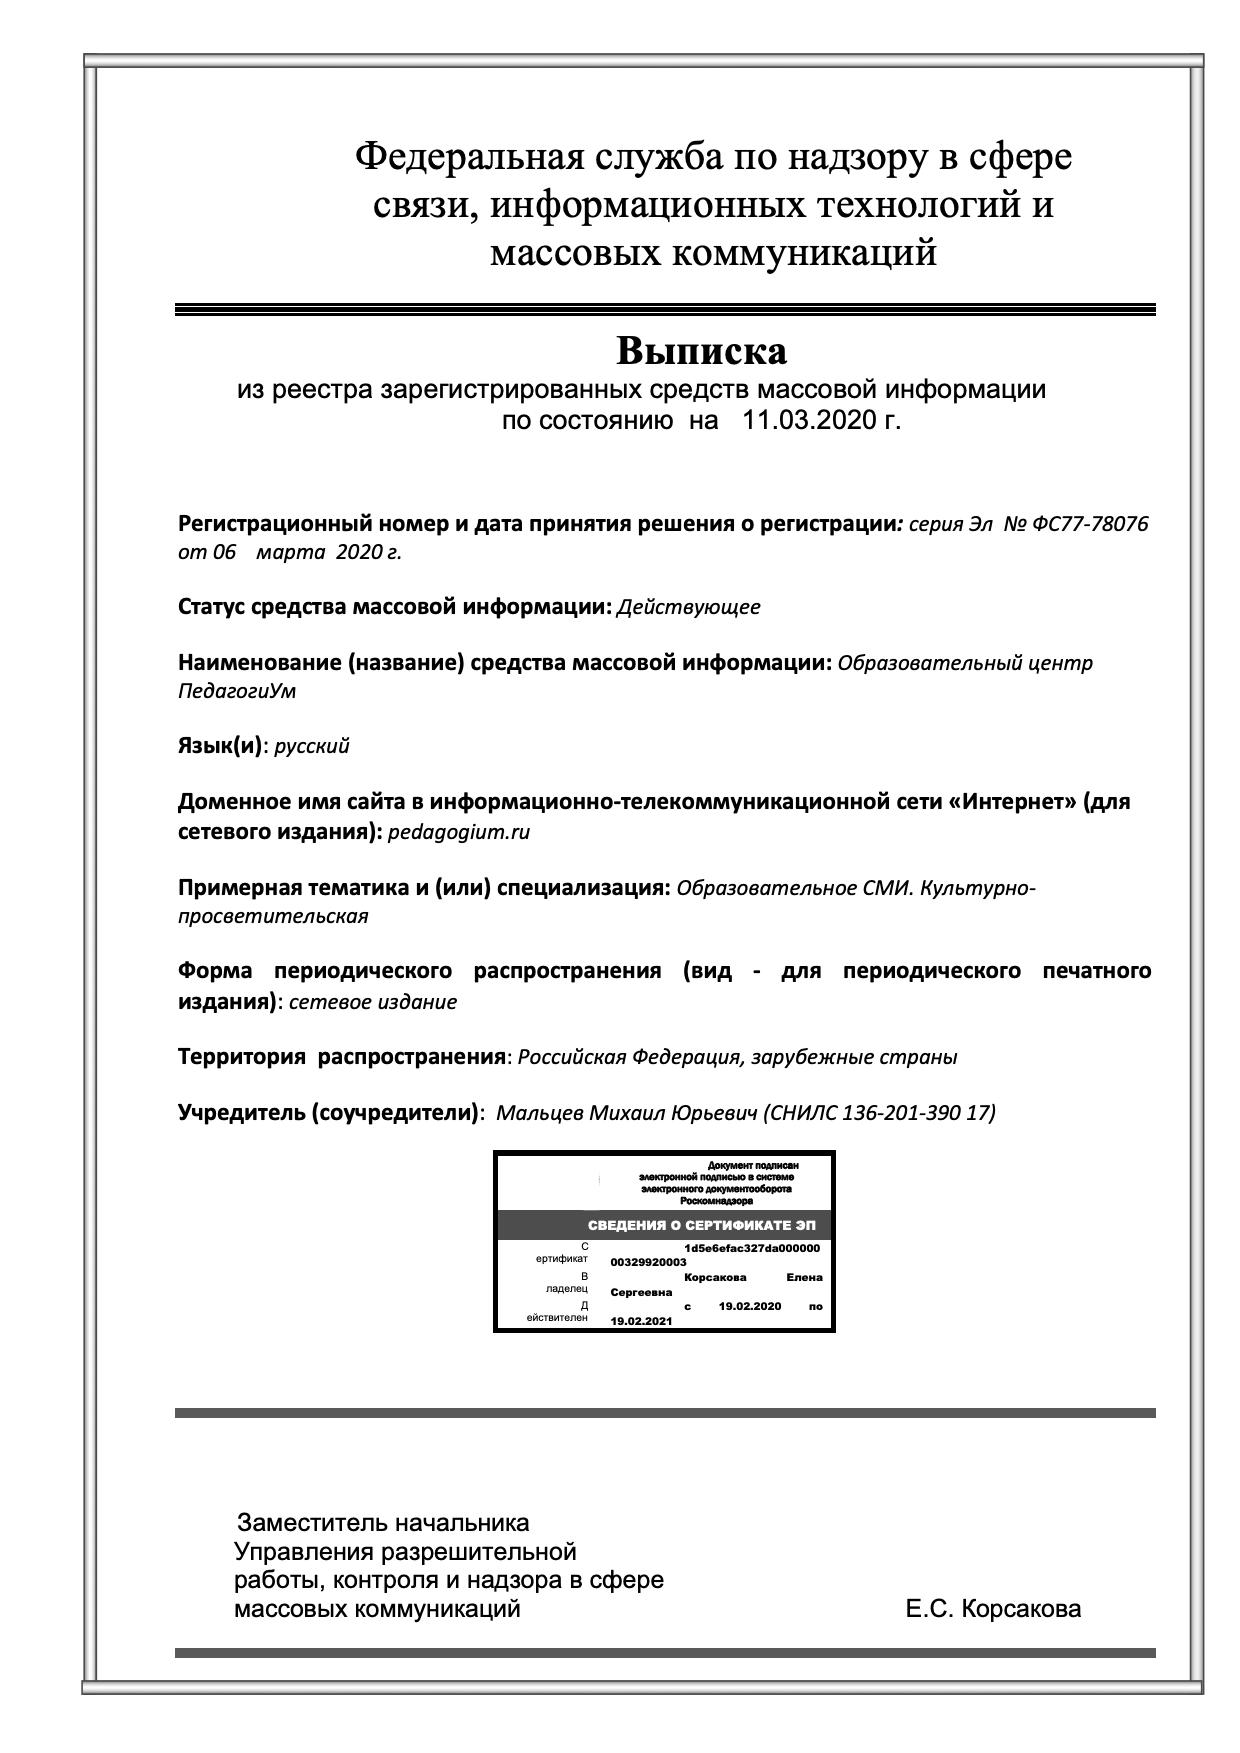 Свидетельство о регистрации СМИ: Образовательный центр ПедагогиУм.